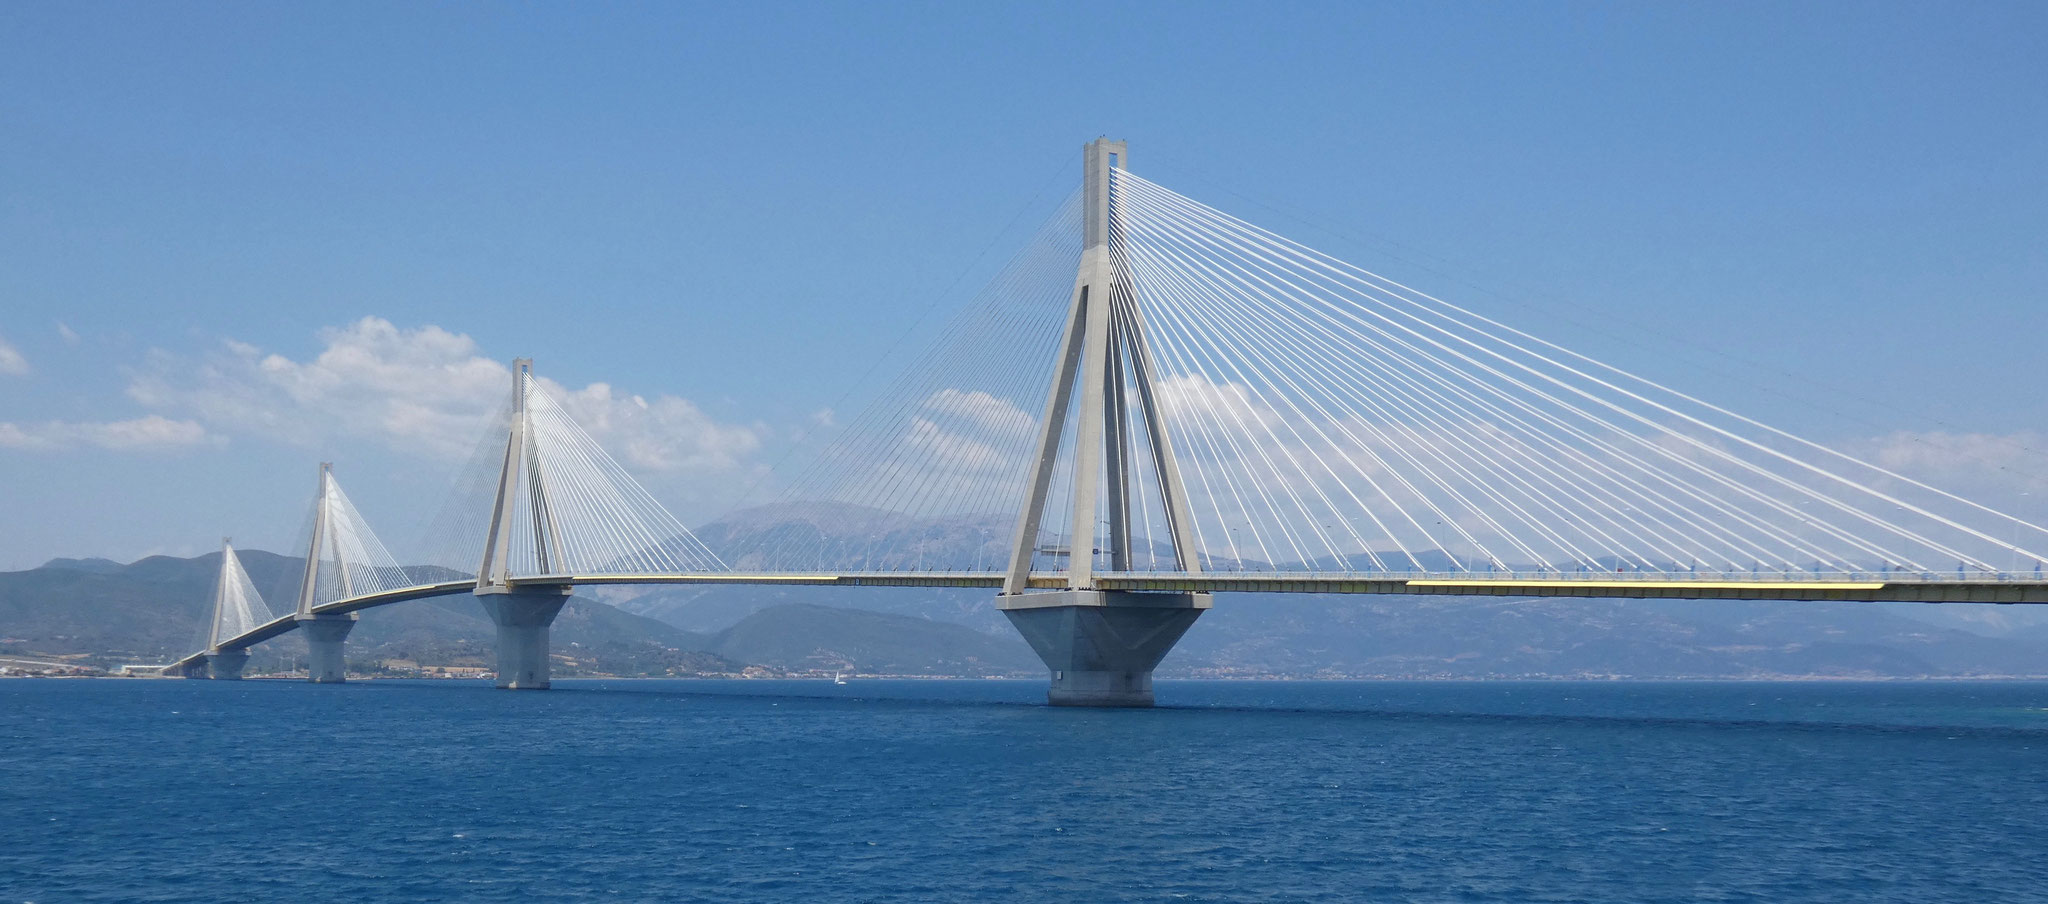 Brücke von der Fähre aus